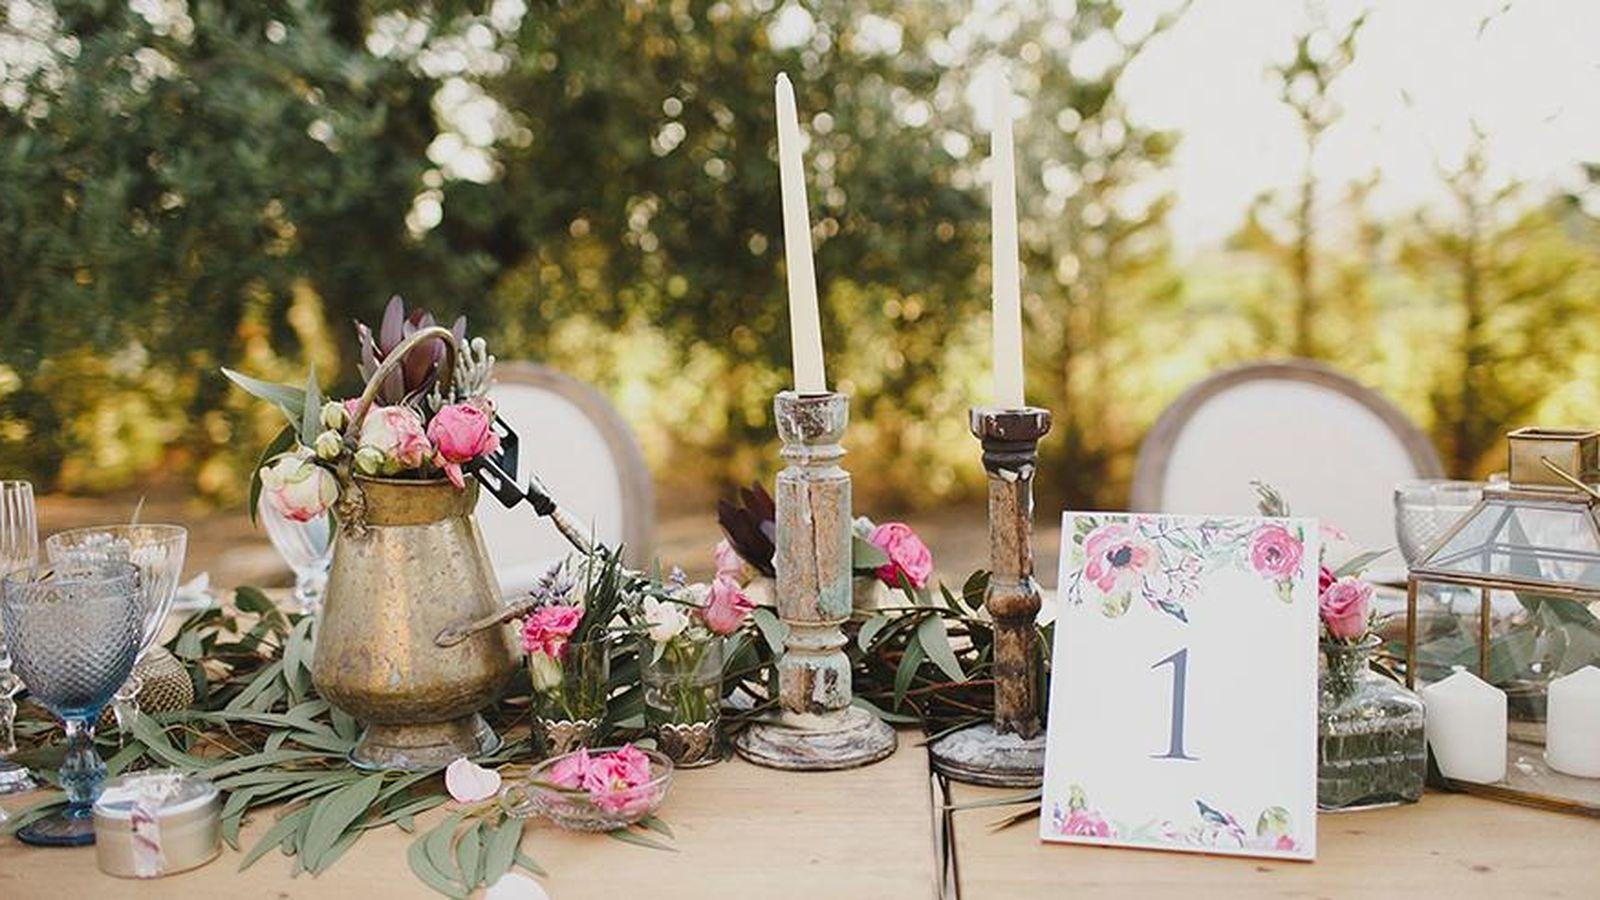 Foto: 21 de marzo no es solo una fecha. Ellos te montarán una mesa así (Foto: Raquel Benito)